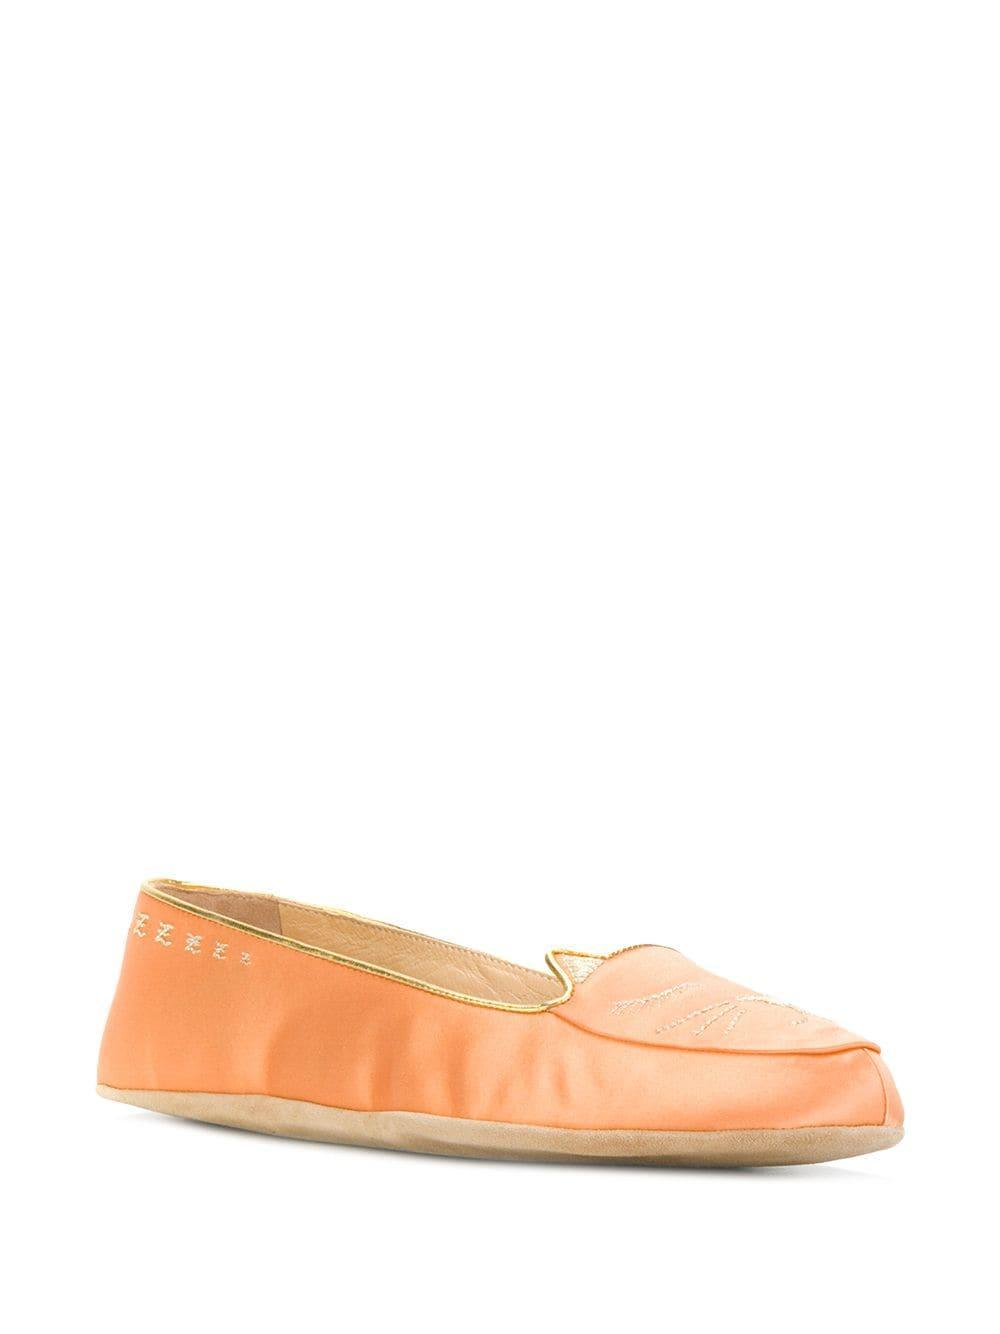 Zapatos slippers Cat Nap Charlotte Olympia de Cuero de color Amarillo